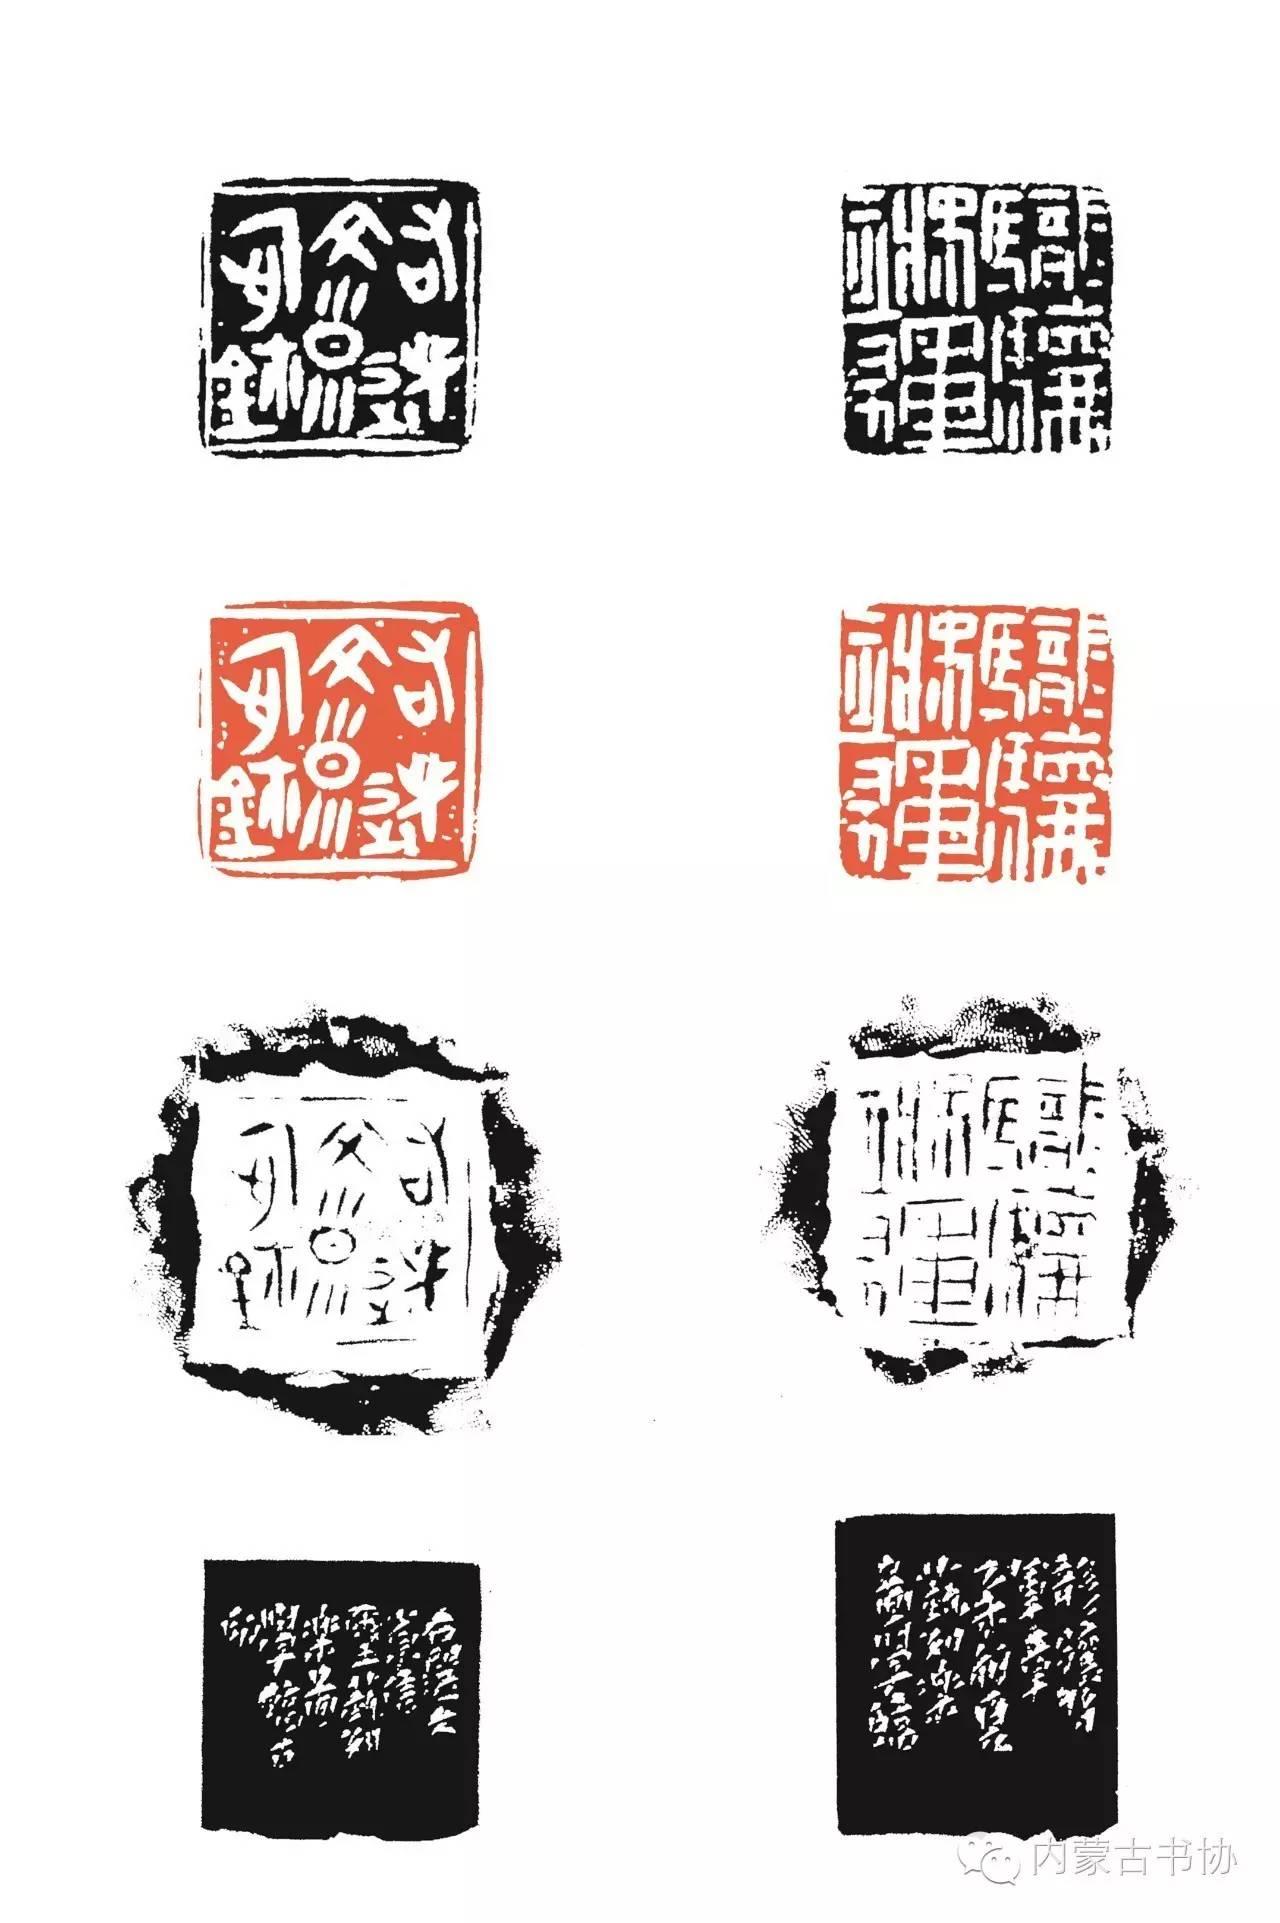 内蒙古书法家协会书家推荐系列之艺如乐图书法艺术赏析